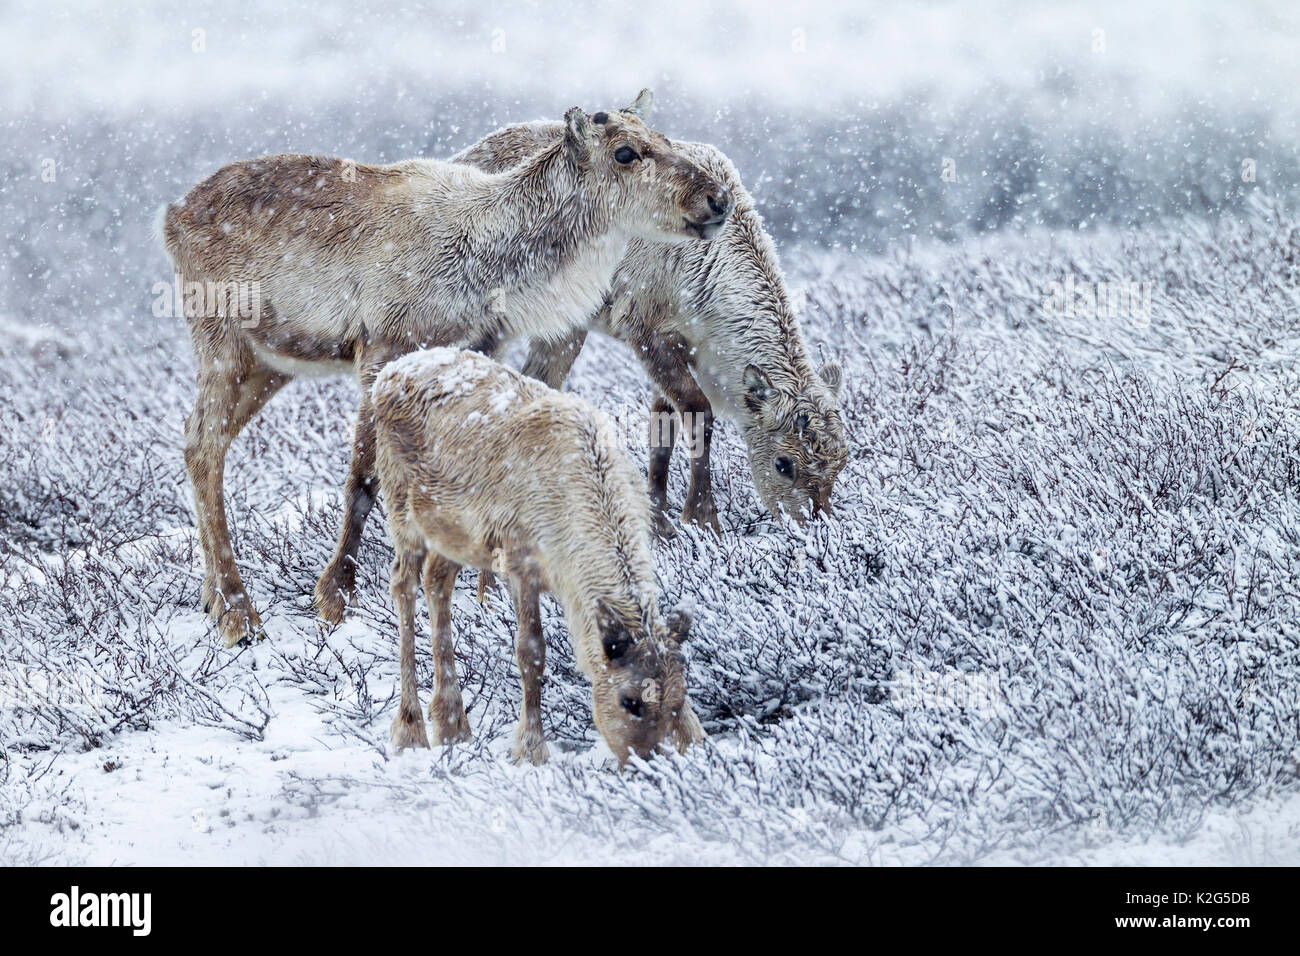 Los renos (Rangifer tarandus), hembra , dos vacas y terneros del año anterior en el ventisquero, alimentación Imagen De Stock